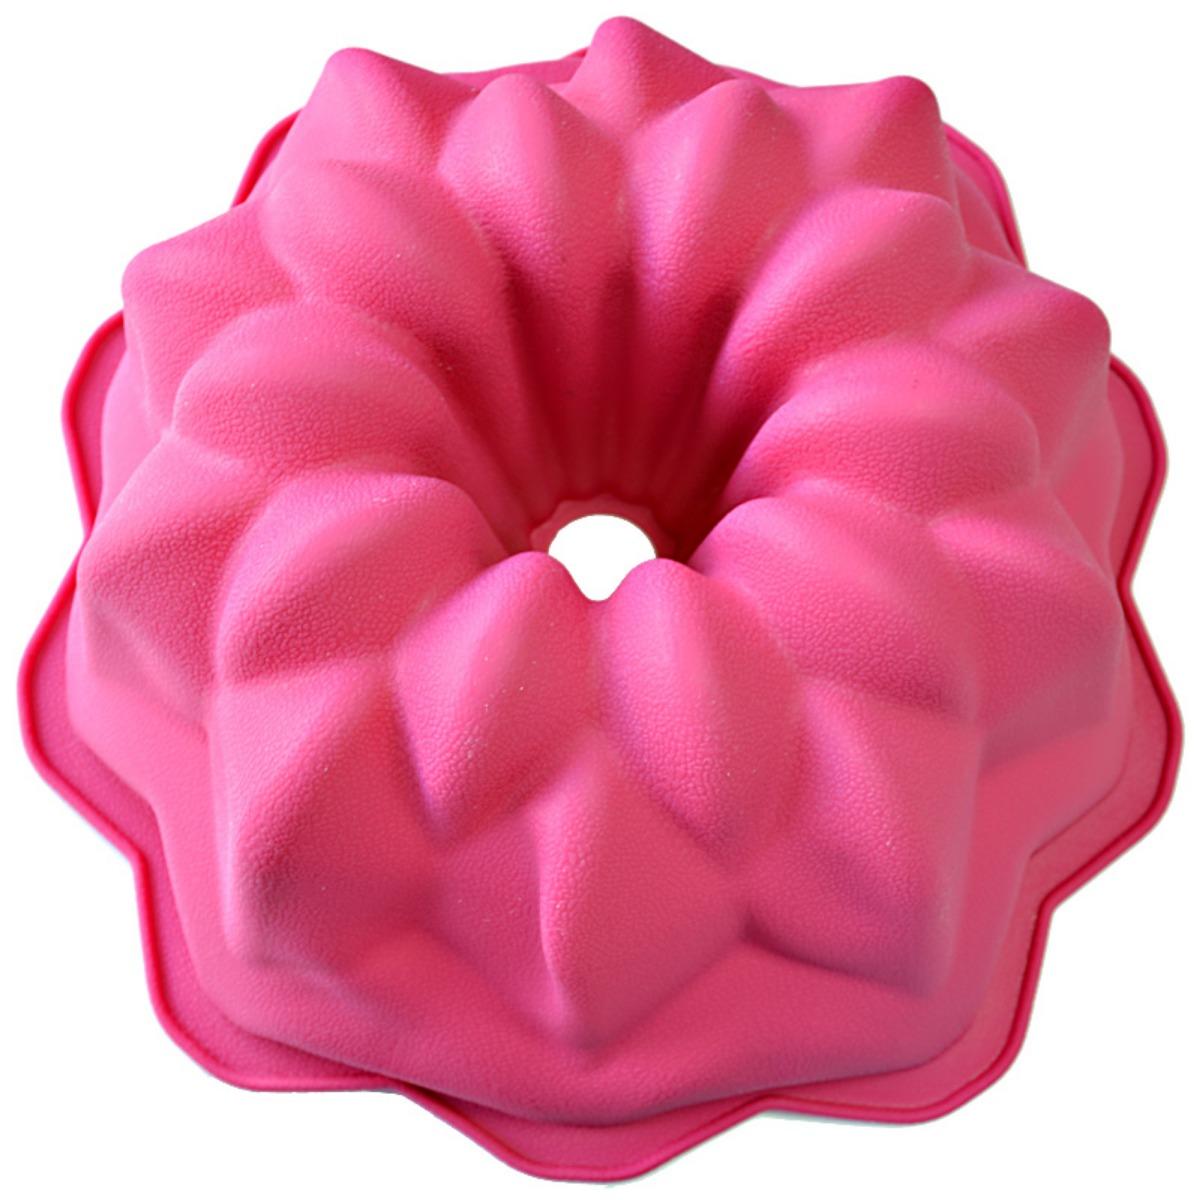 Форма для выпечки Marvel, цвет: розовый, диаметр 27 см4123Форма Marvel выполнена из высококачественного 100% пищевого силикона. Идеально подходит для приготовления выпечки, десертов и холодных закусок. Форма выдерживает температуру от -40 до +240°C, обладает естественными антипригарными свойствами. Не выделяет вредных веществ при высоких температурах.